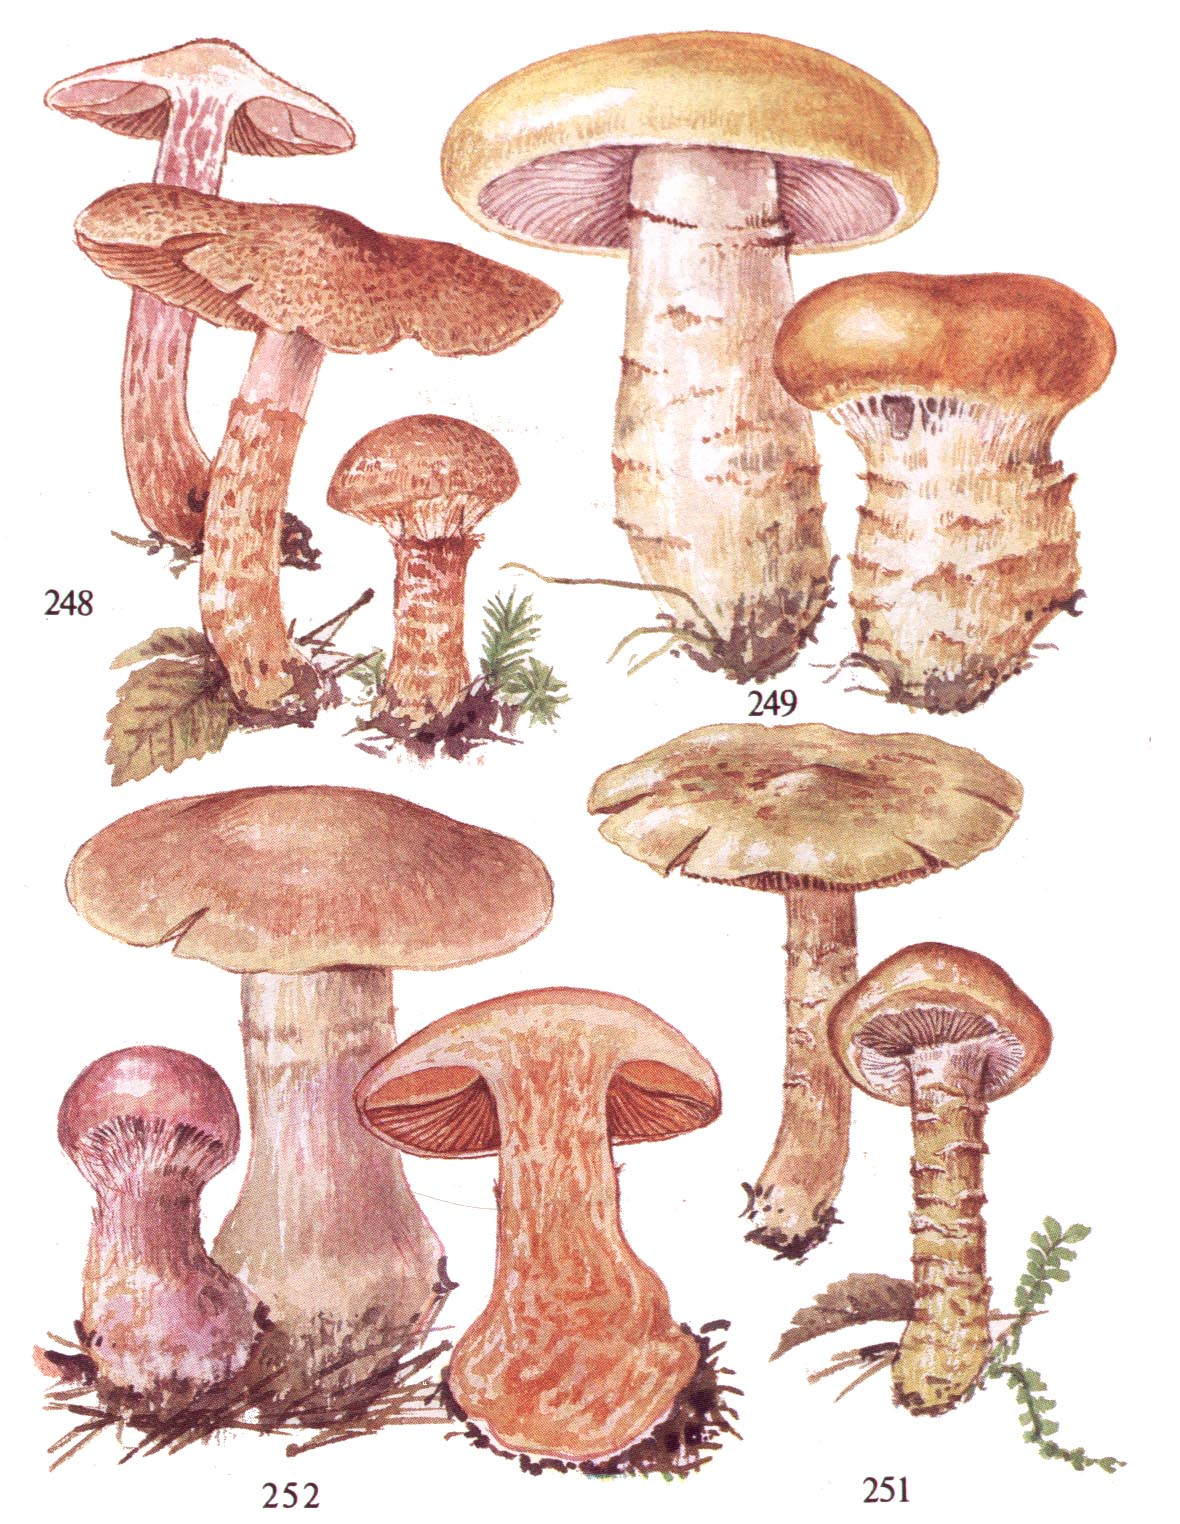 грибы паутинники желтые съедобные фото